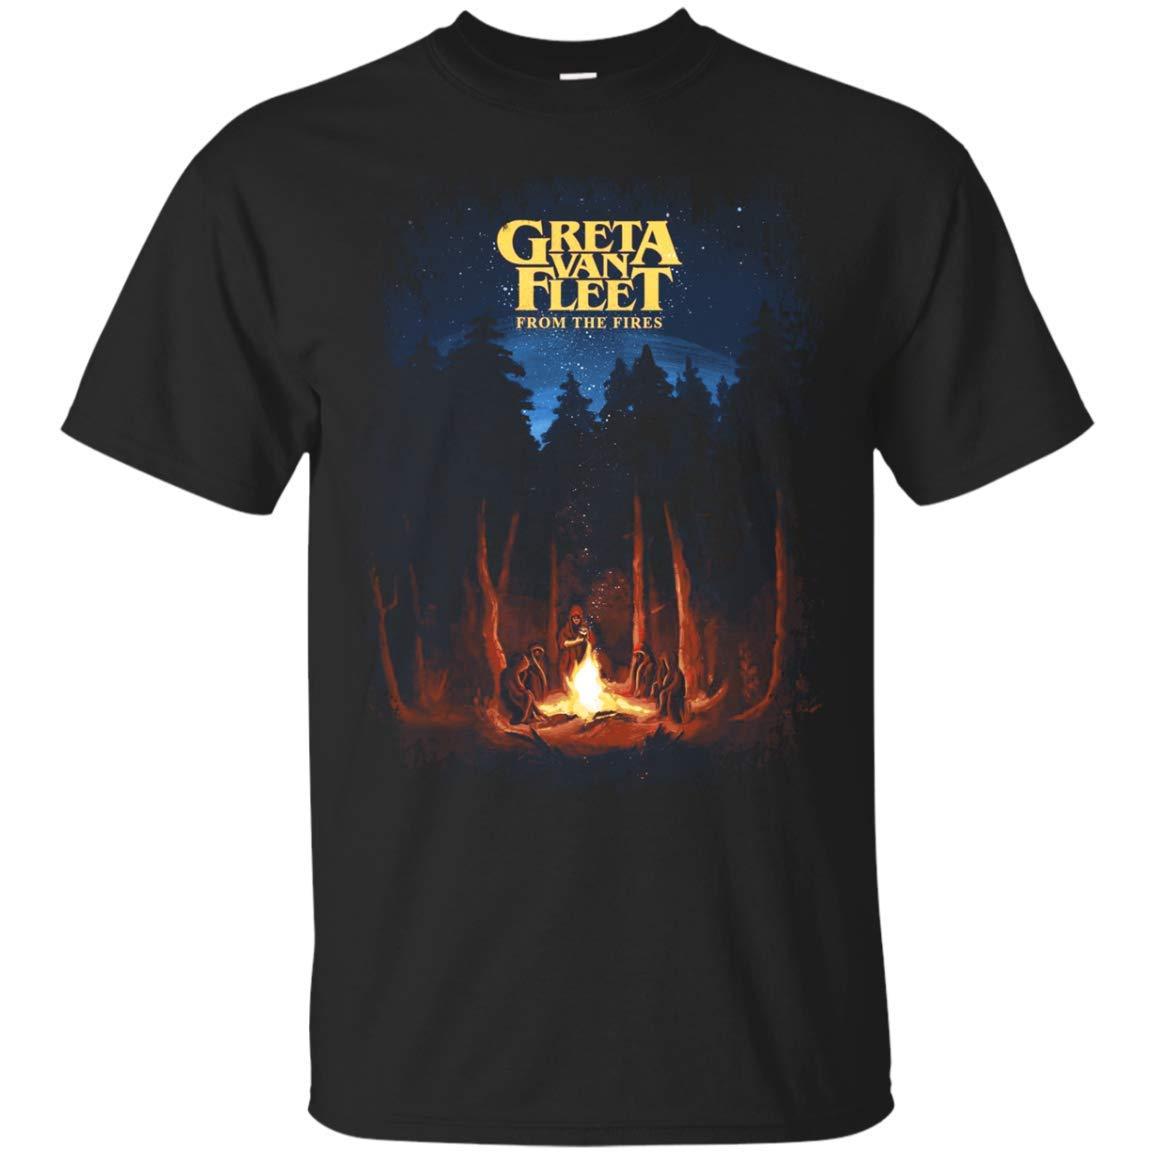 Greta Van Fleet From The Fires T Shirt 5836